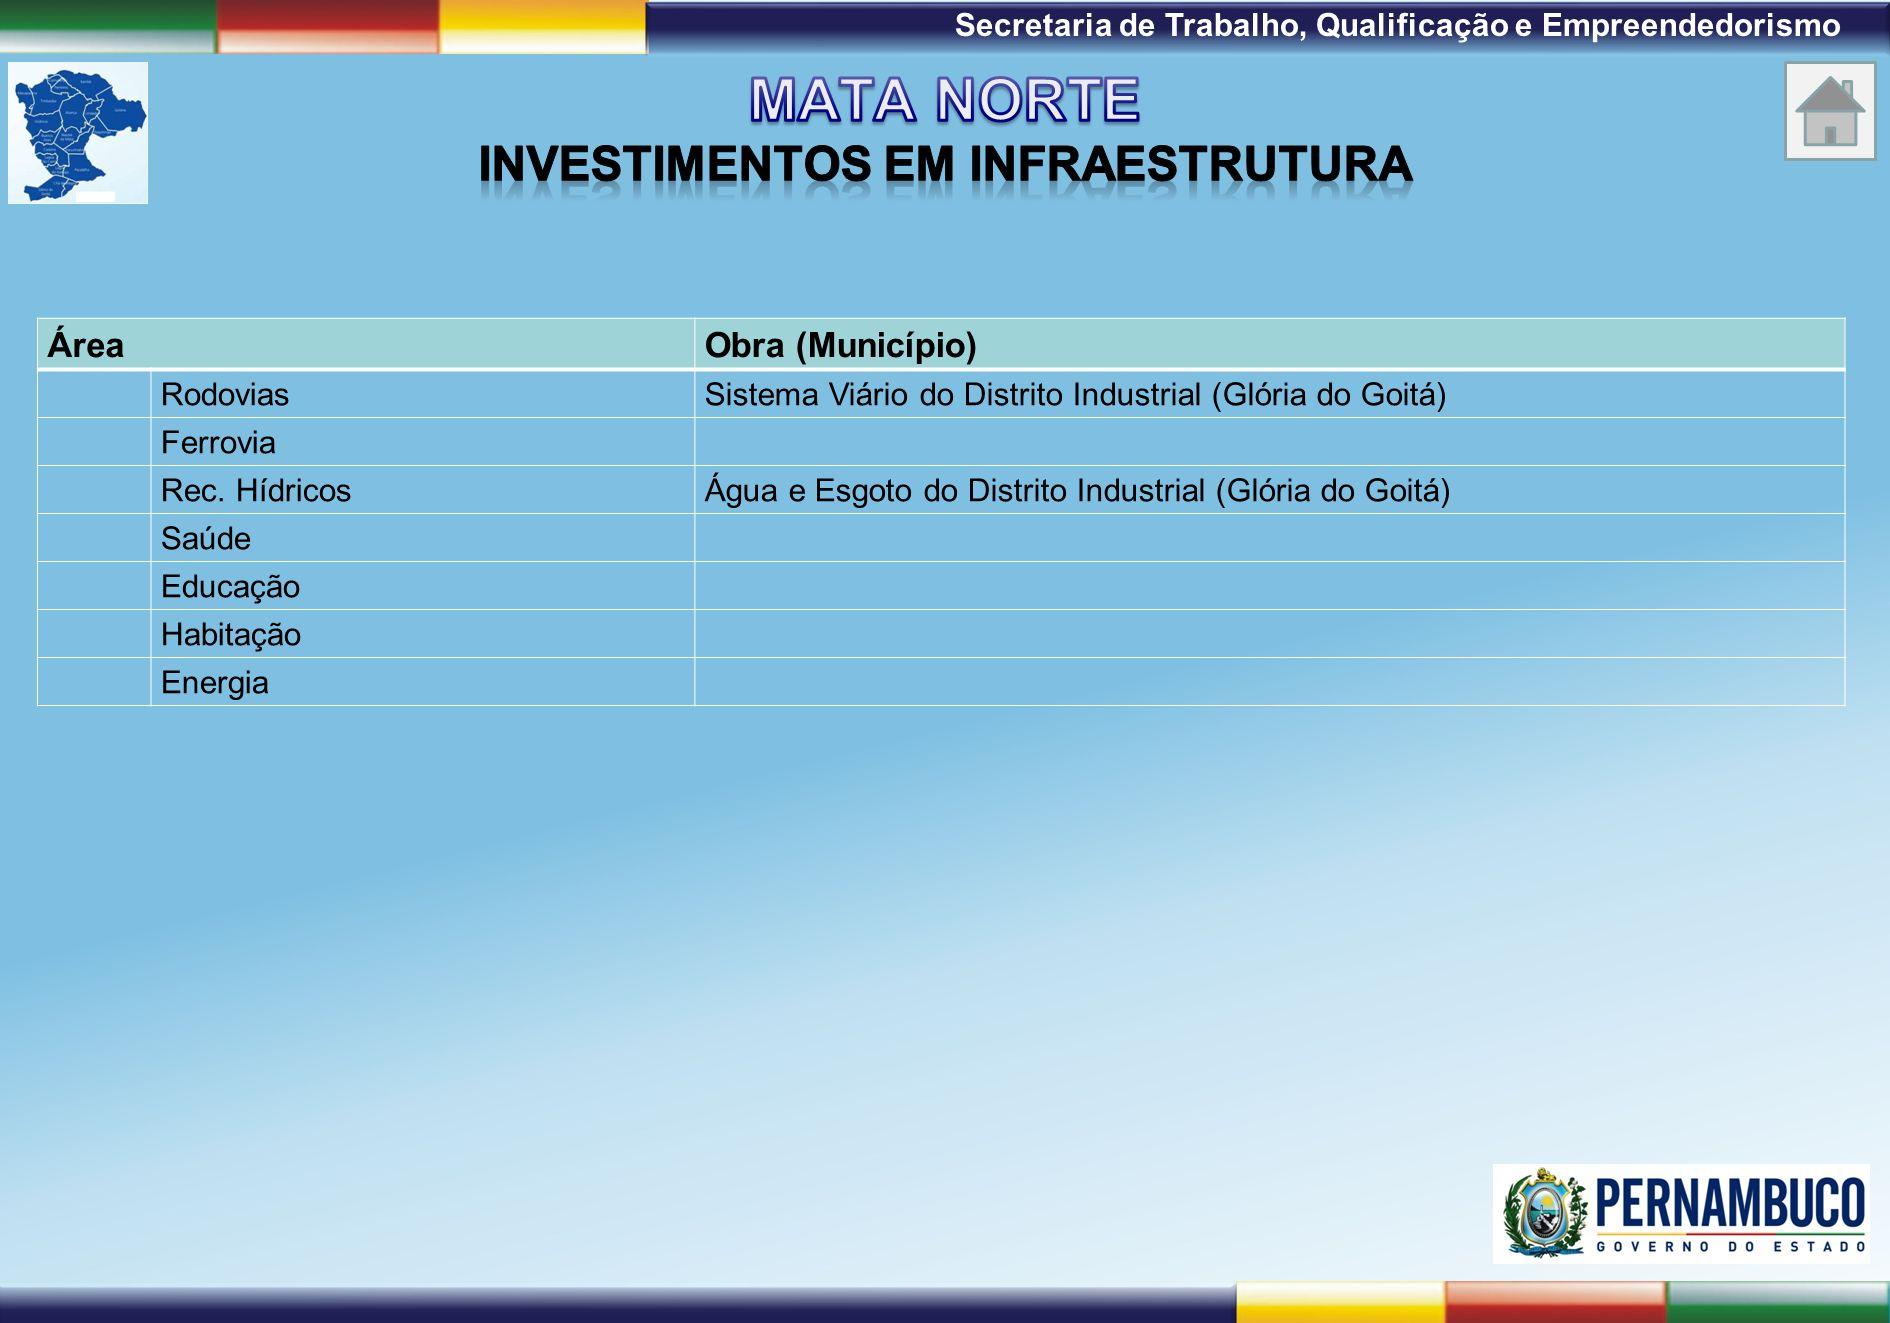 Mata Norte investimentos em infraestrutura